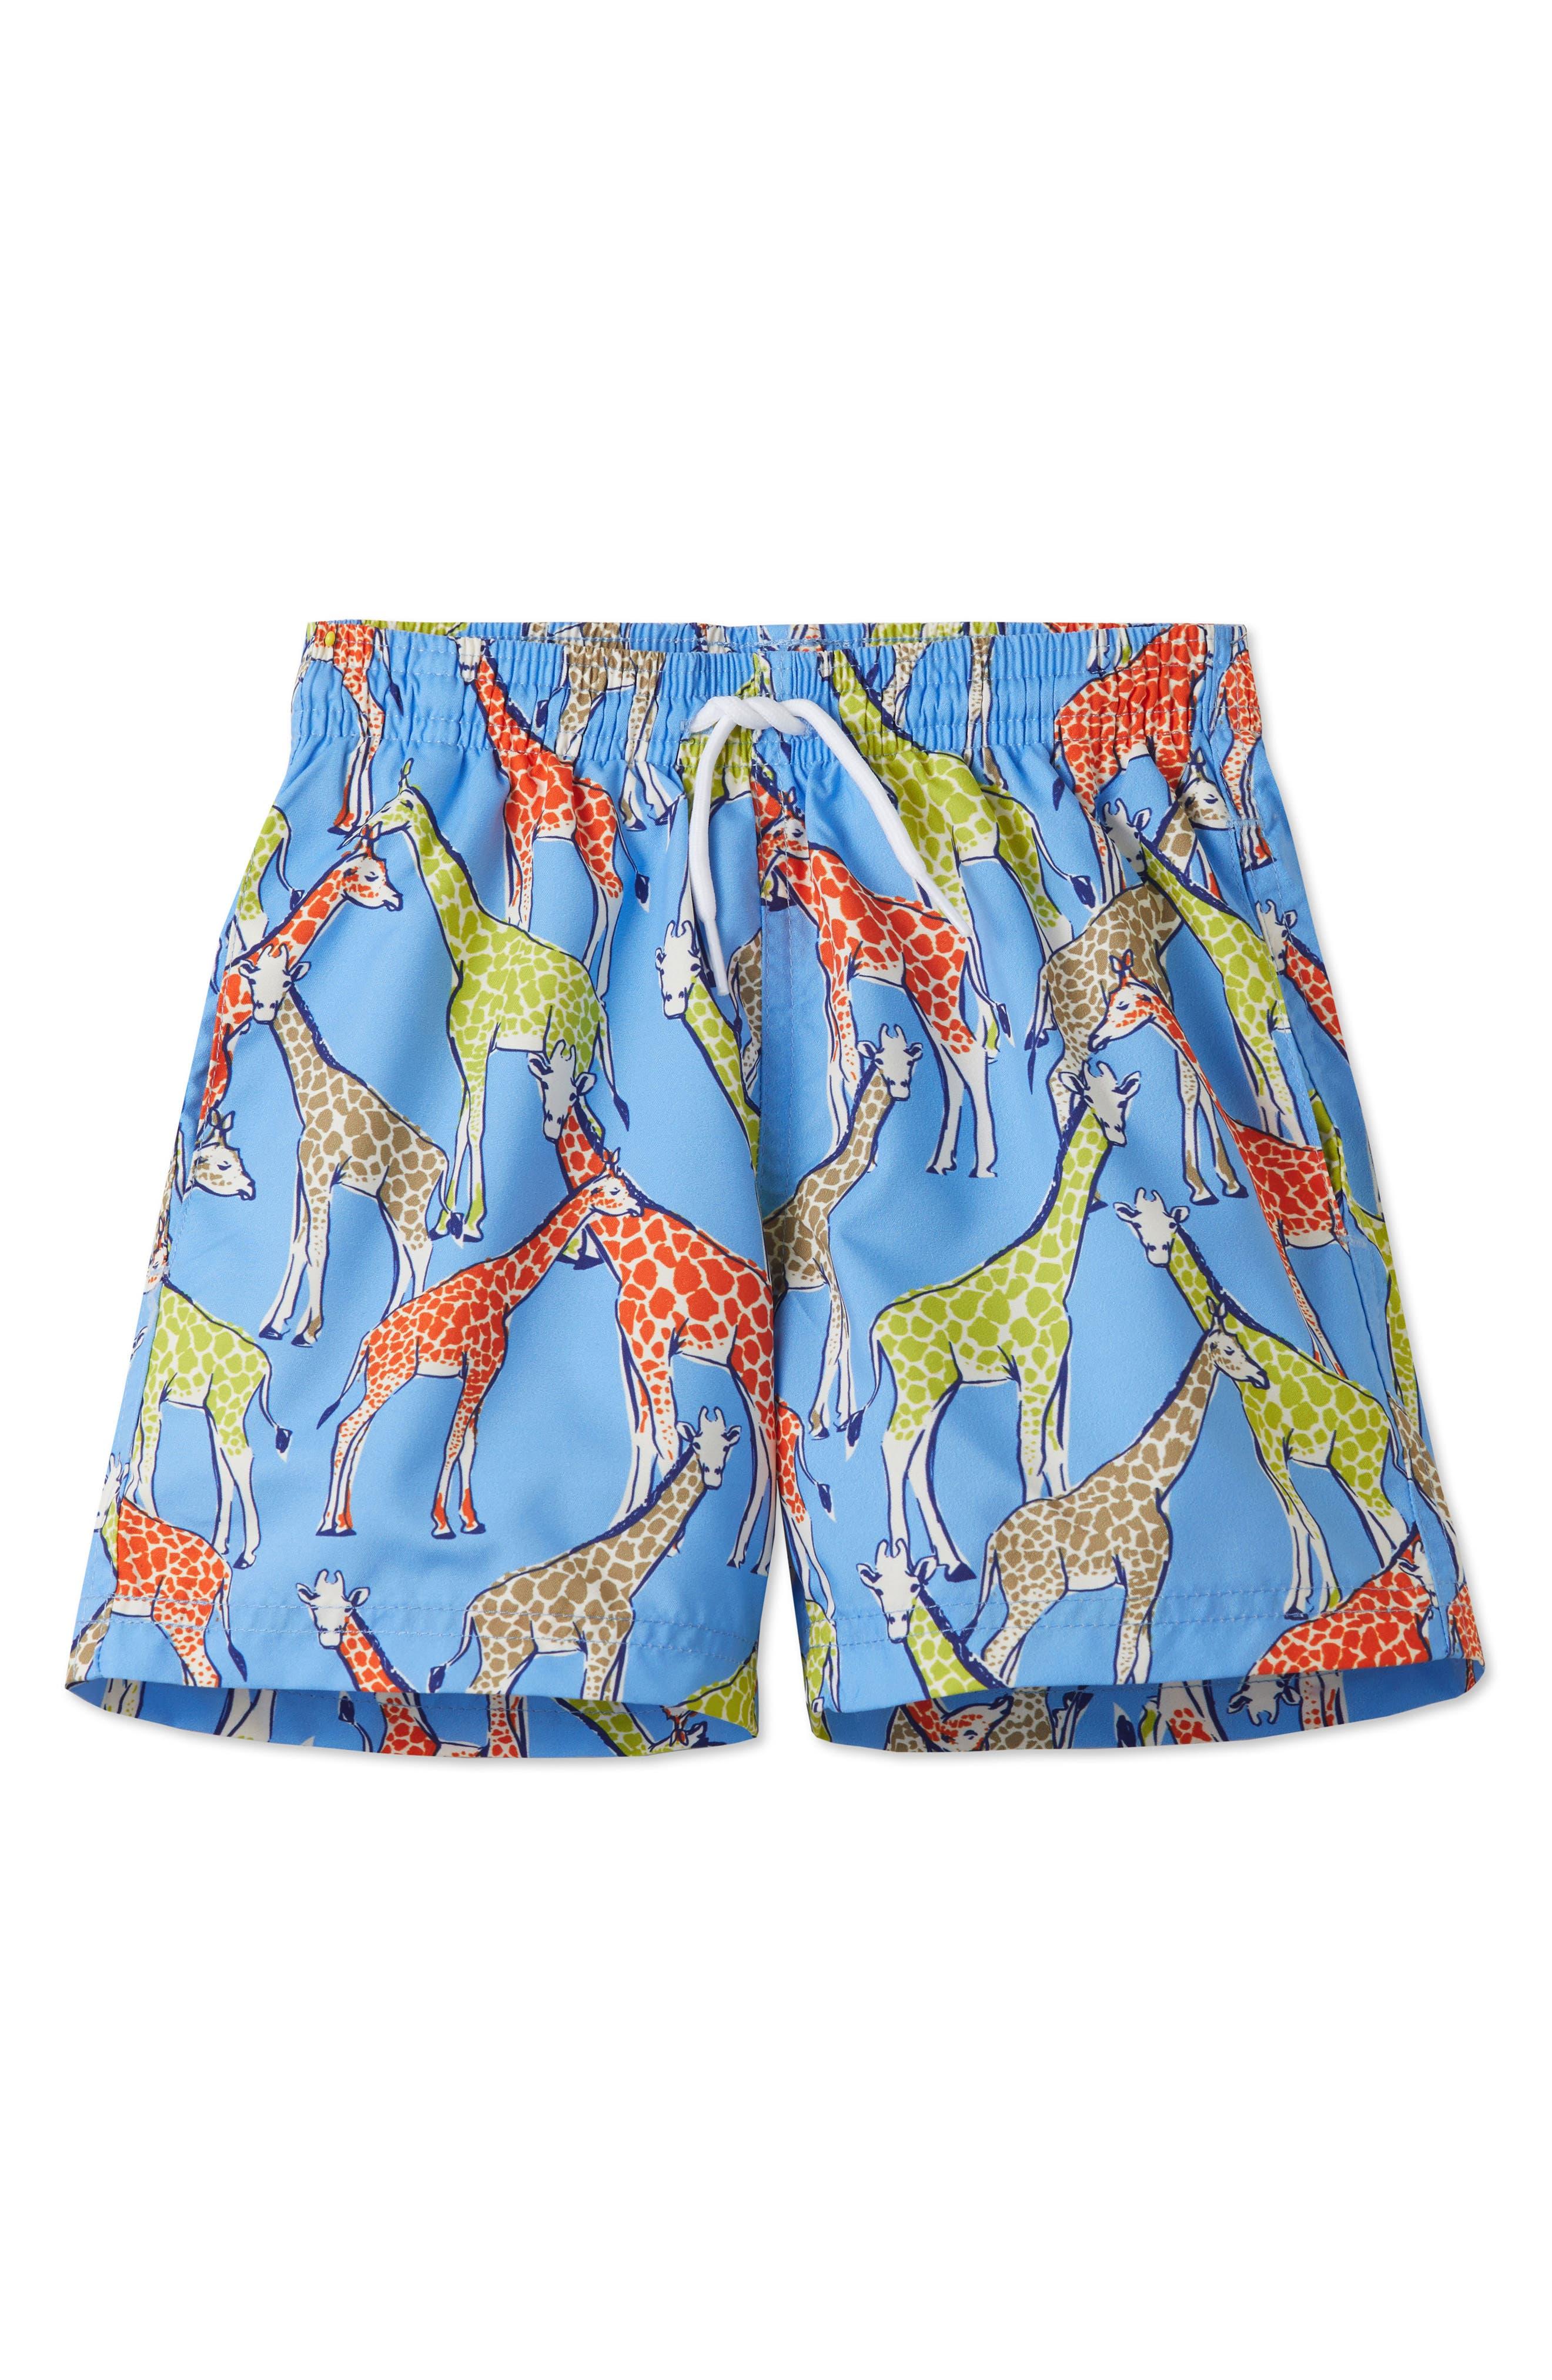 STELLA COVE Giraffe Swim Trunks